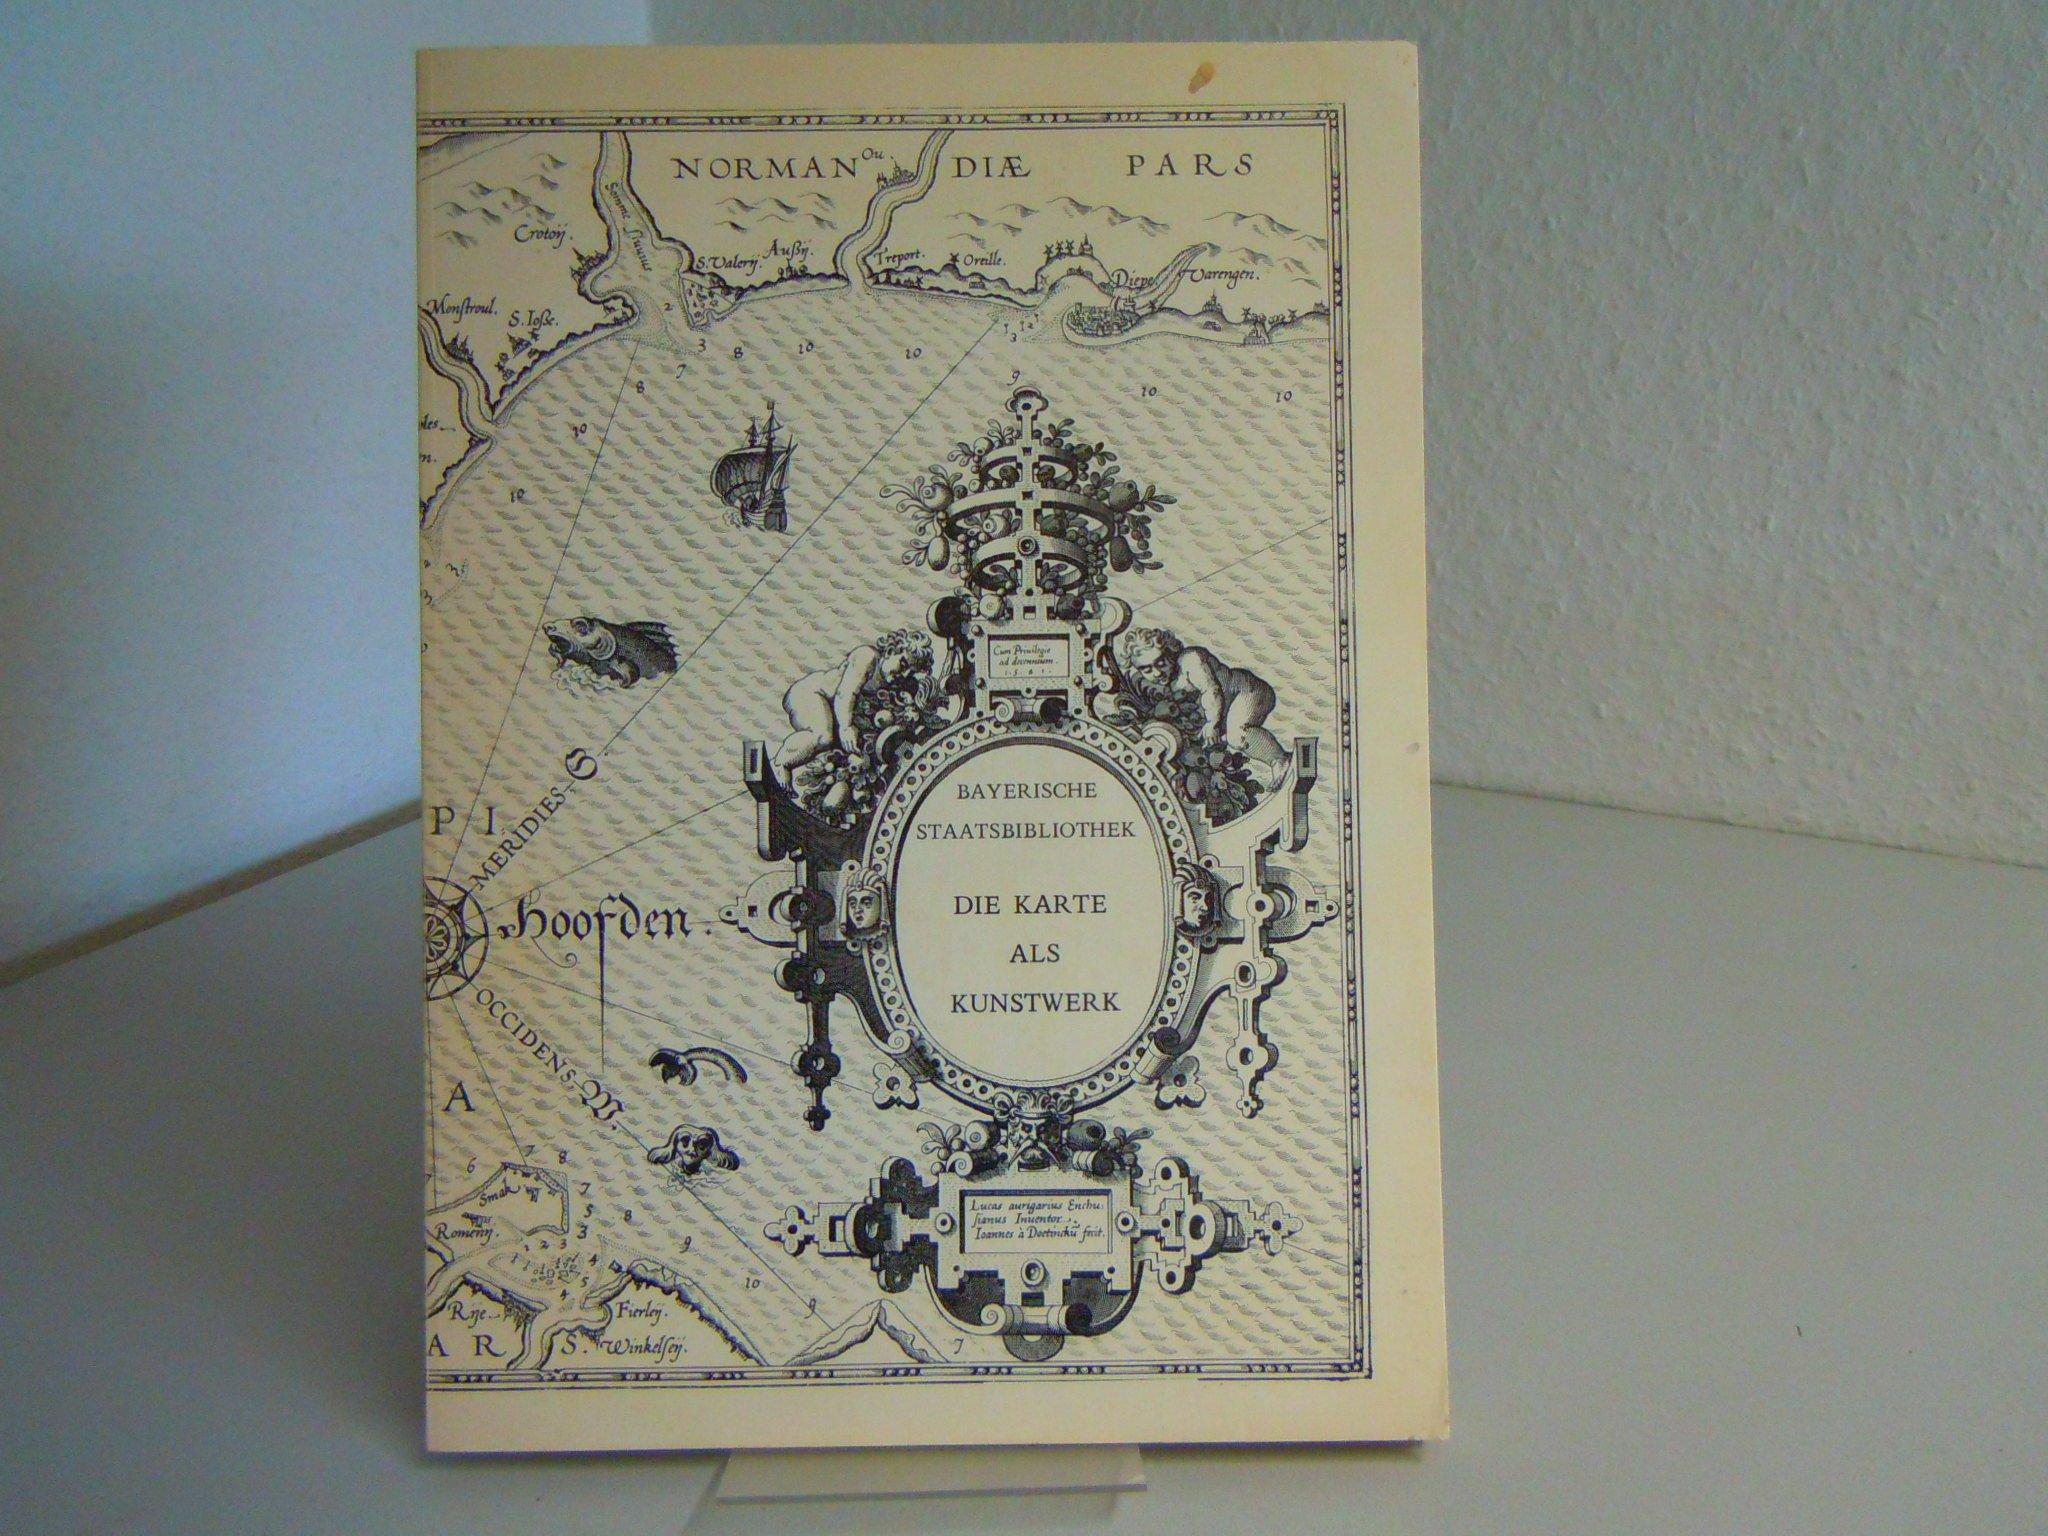 Die Karte Als Kunstwerk. Dekorative Landkarten Aus Mittelalter Und Neuzeit. Ausstellungskatalog. Bayerische Staatsbibliothek 19